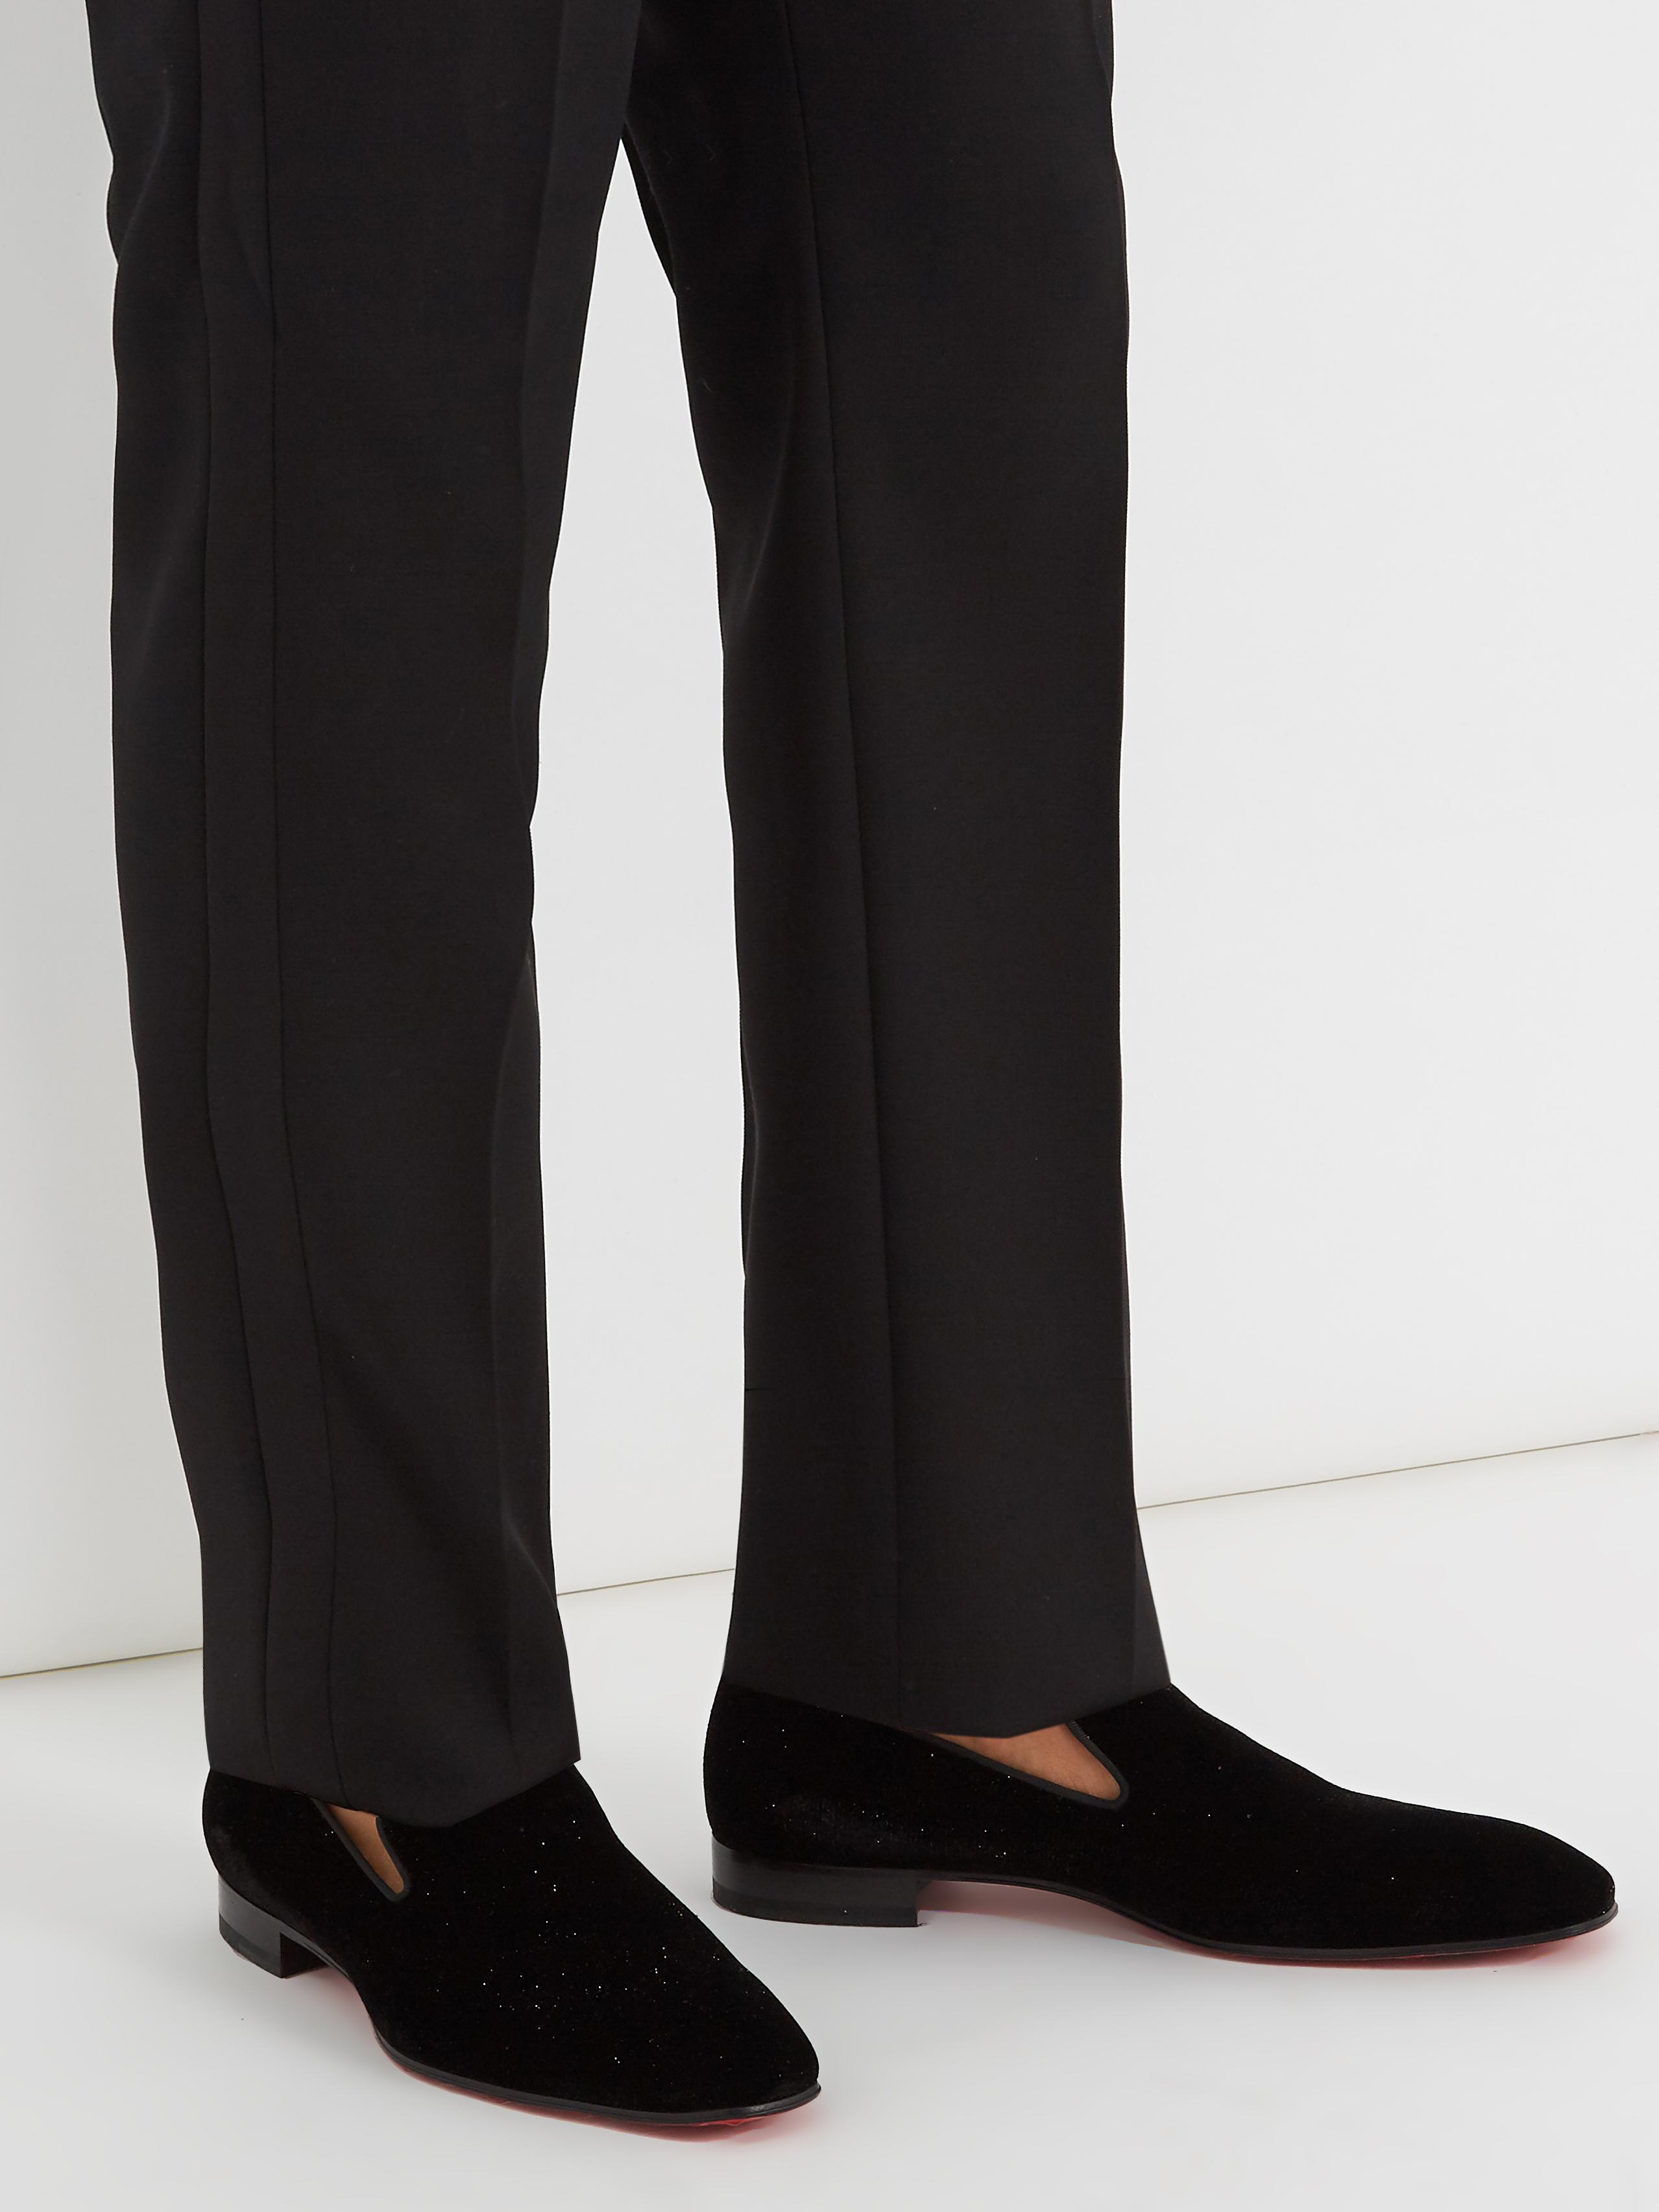 2657c3250c6 Christian Louboutin Dandelion Glittered-velvet Loafers in Black for ...